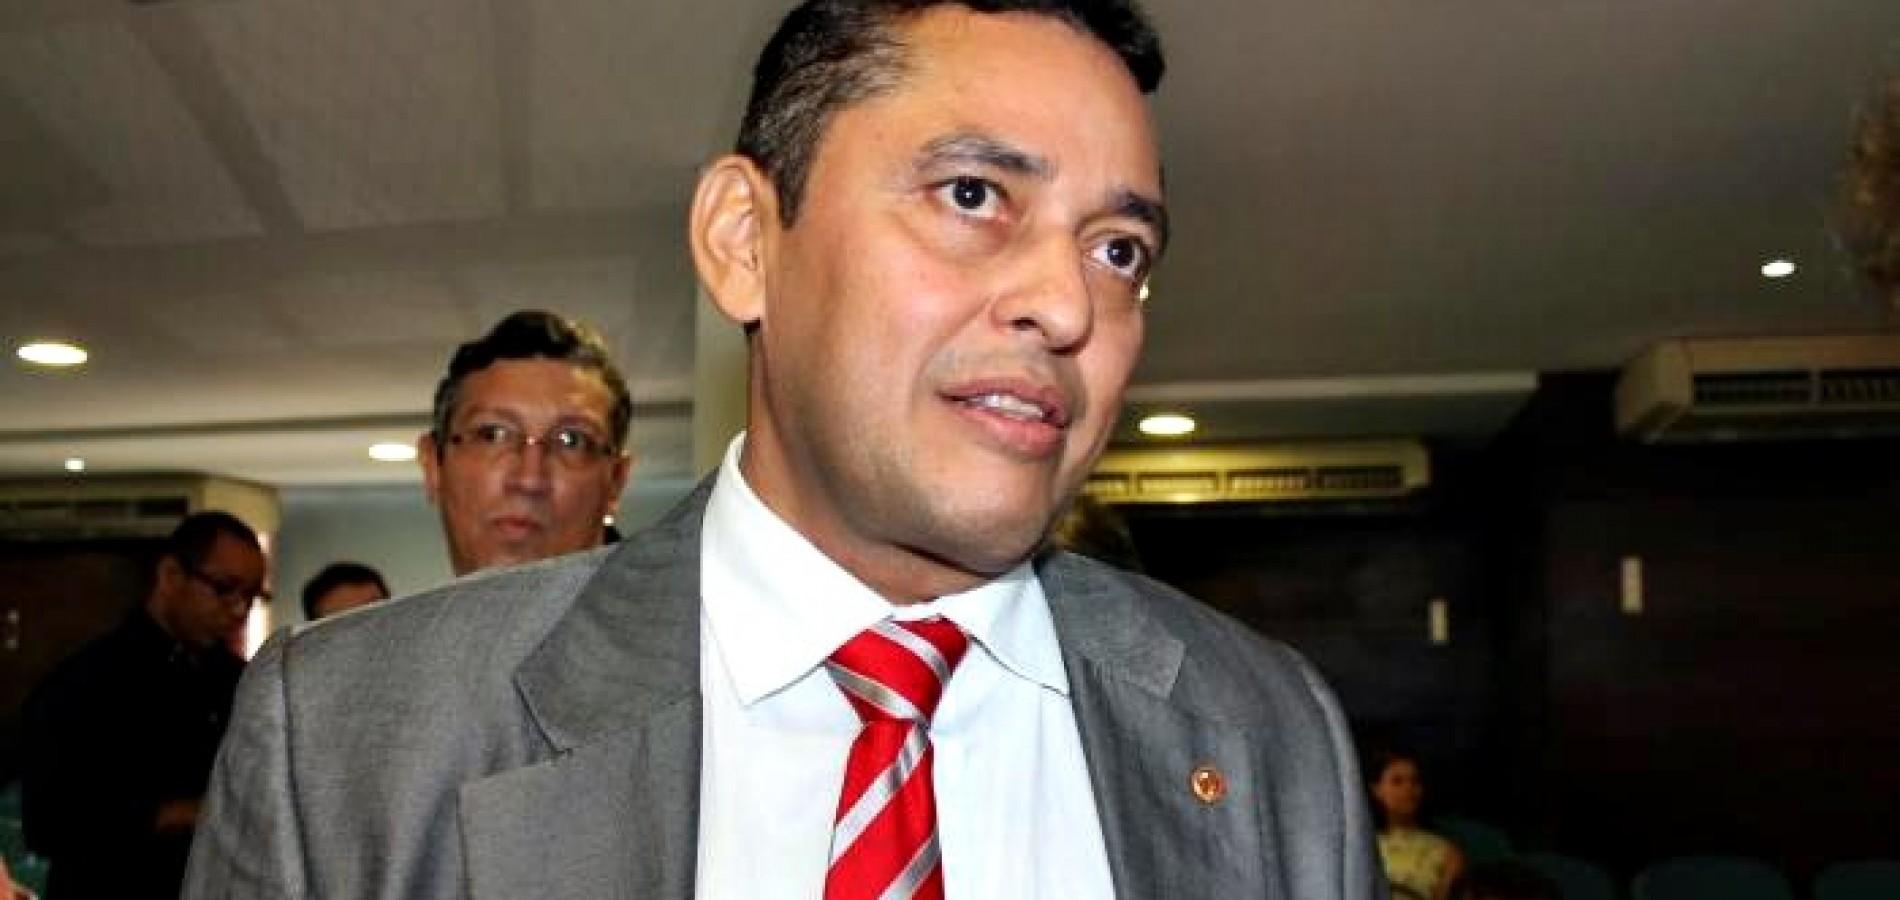 Procurador do Piauí pede cumprimento de decisão que prevê prisão de políticos